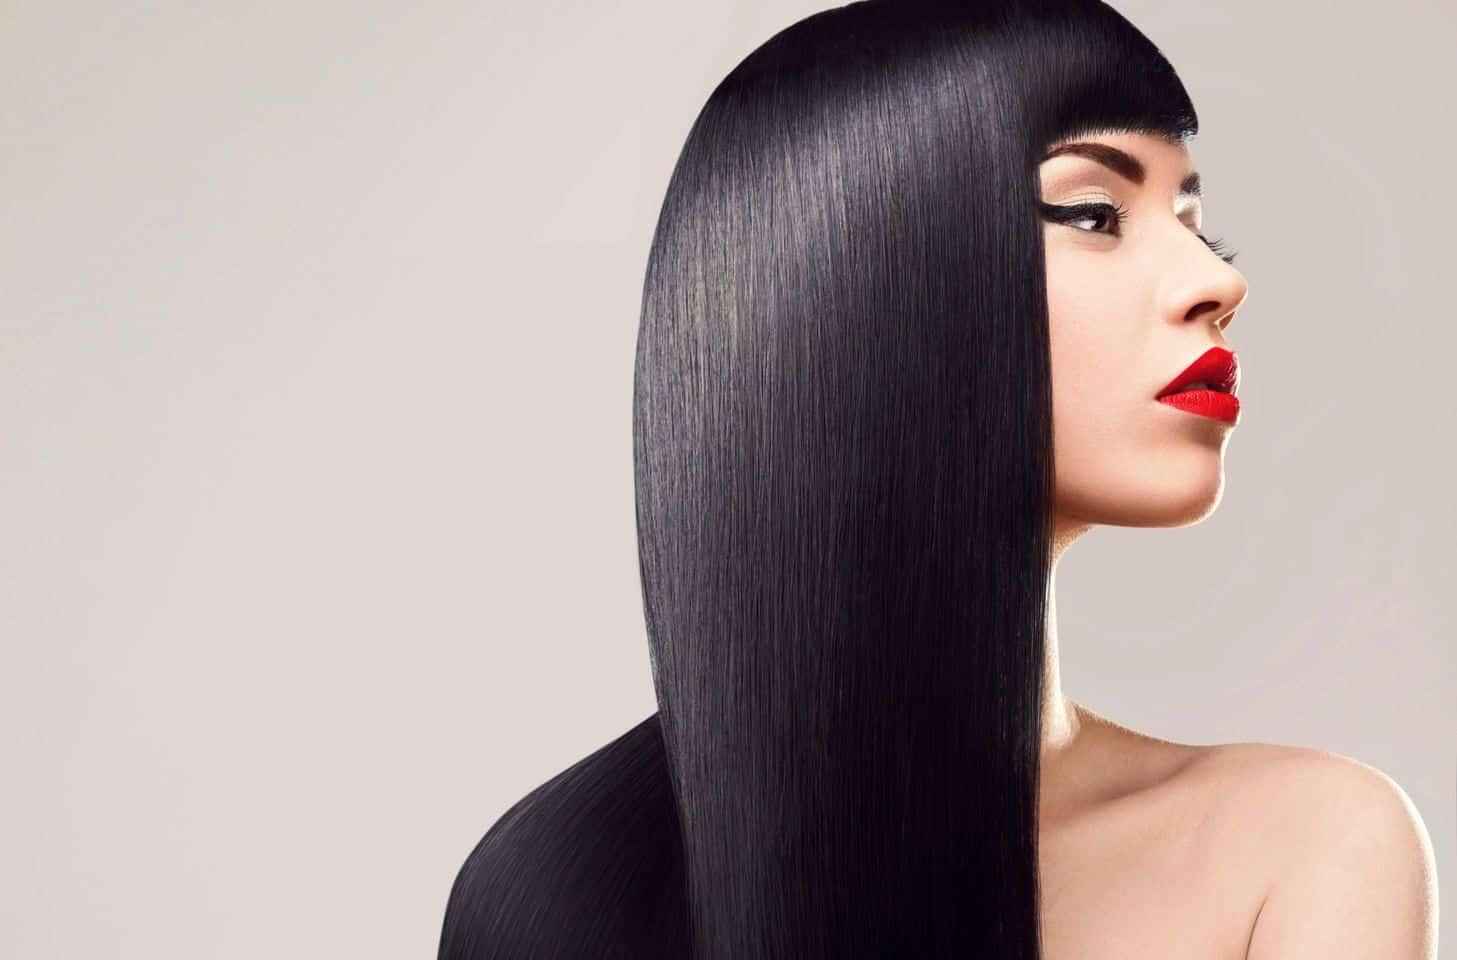 خطوات بسيطة لعلاج الشعر التالف